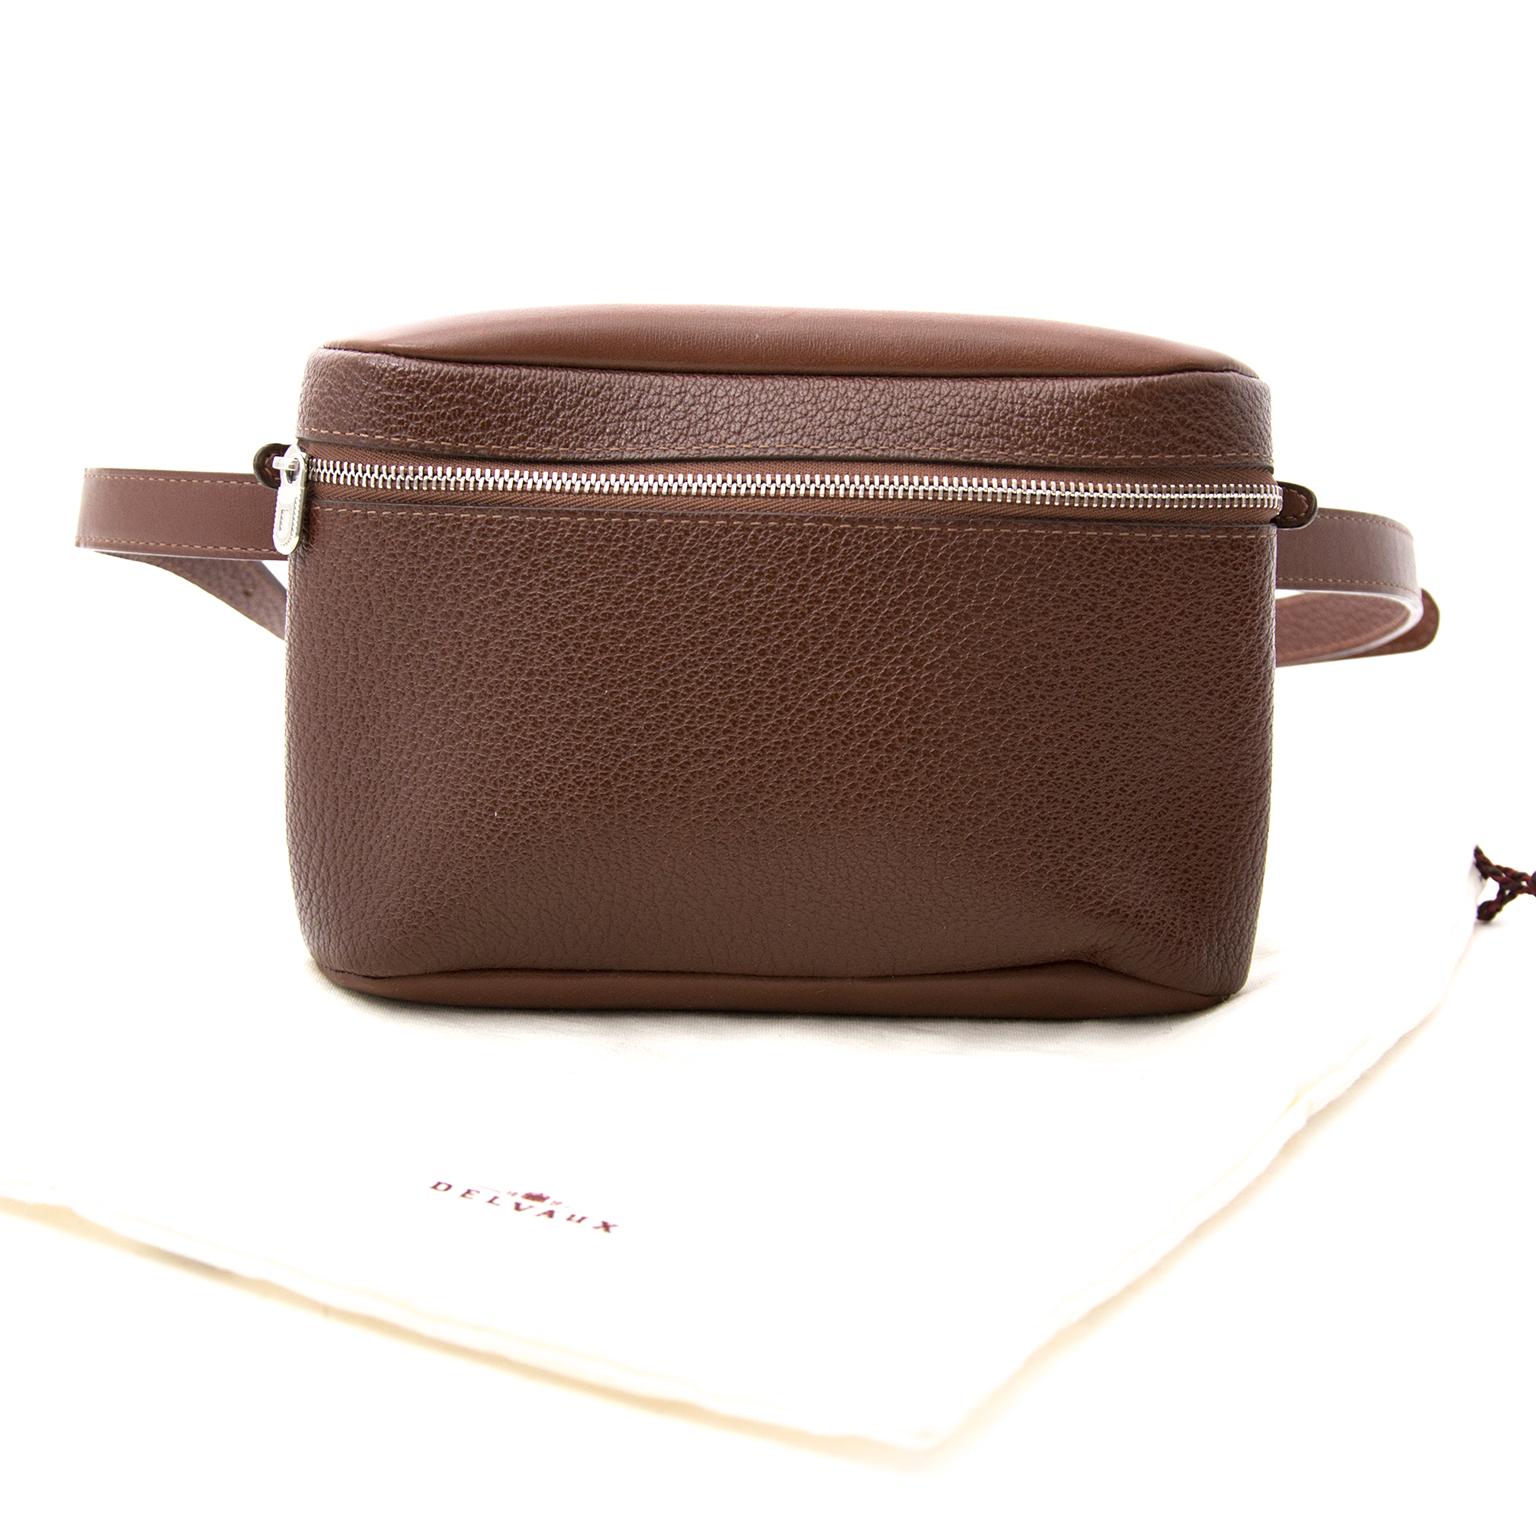 Acheter secur en ligne votre sac Delvaux Brown Hip Bag pour le meilleur prix